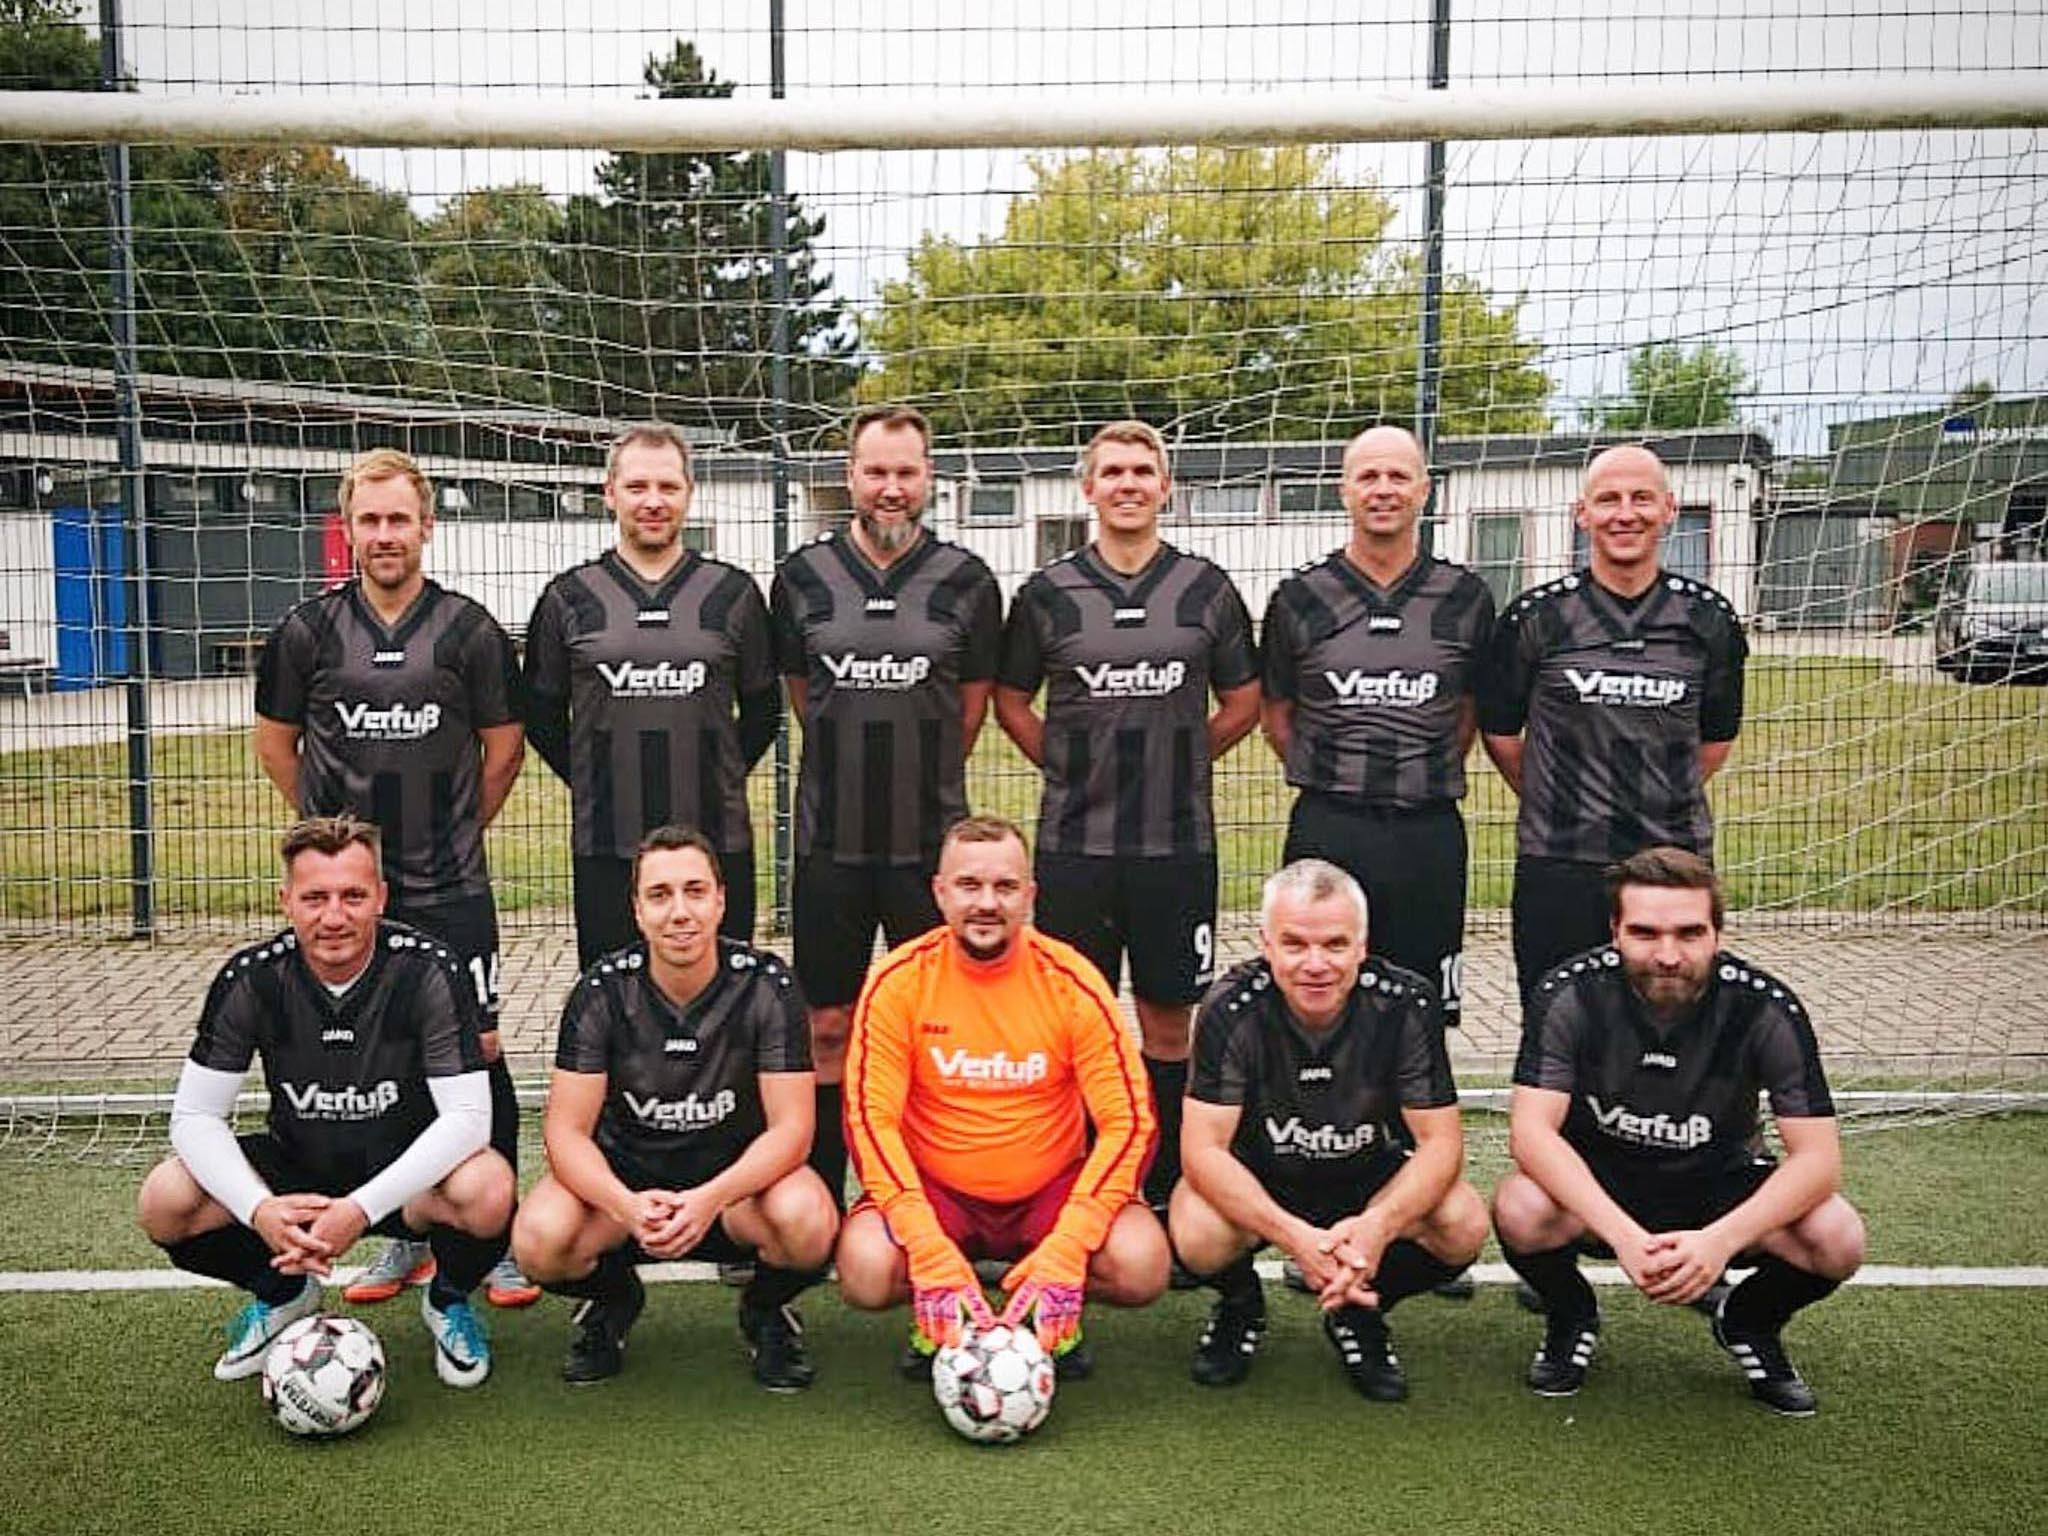 regionale Fußballmannschaft gesponsort von Verfuß